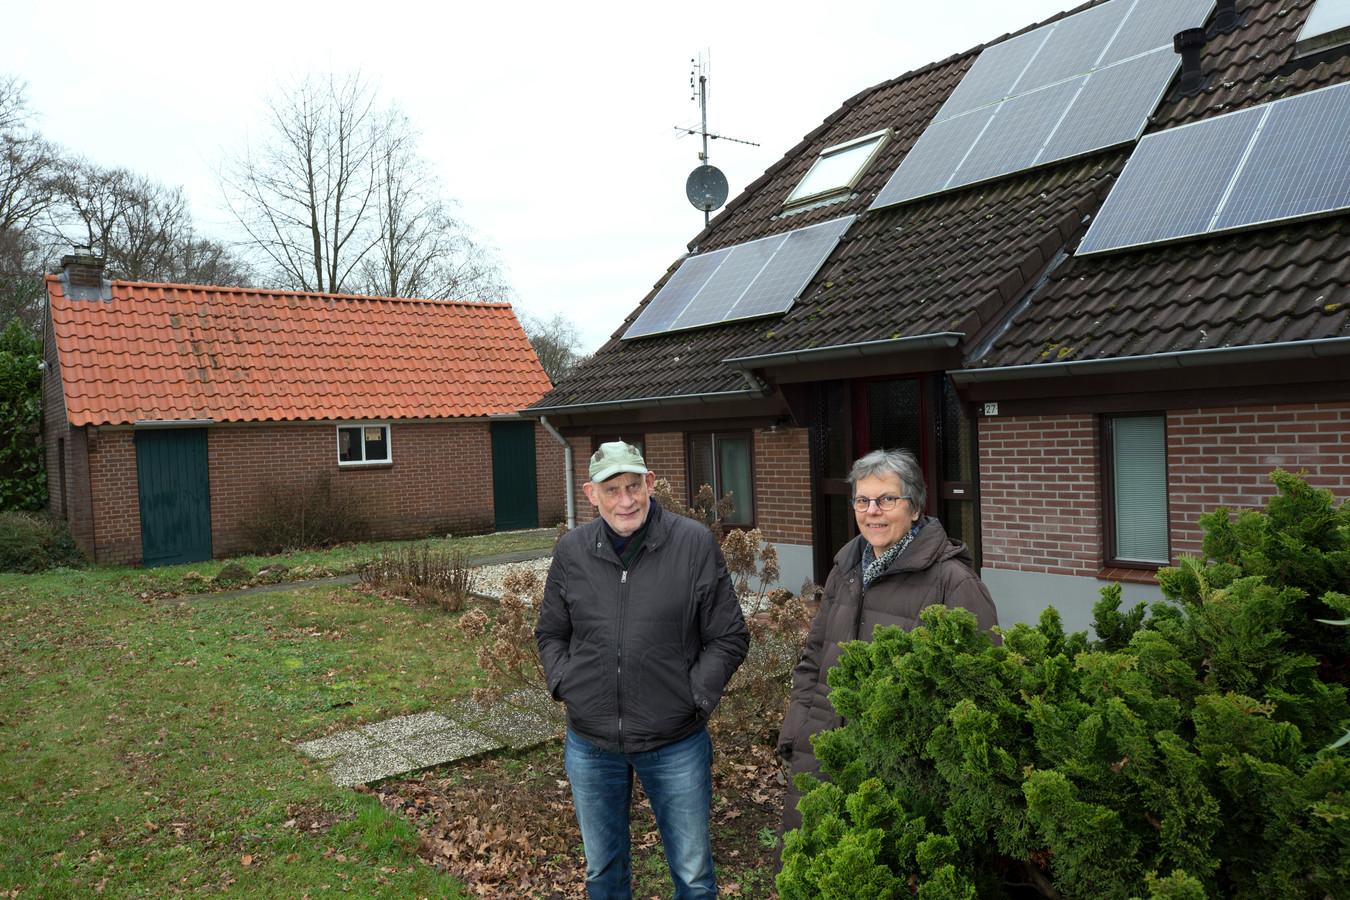 Henk Houwers (78) en zijn vrouw Willy (73) wonen tussen Doetinchem en Zelhem aan de Zelhemseweg. Aan de gemeentegrens, maar nét aan de verkeerde kant.